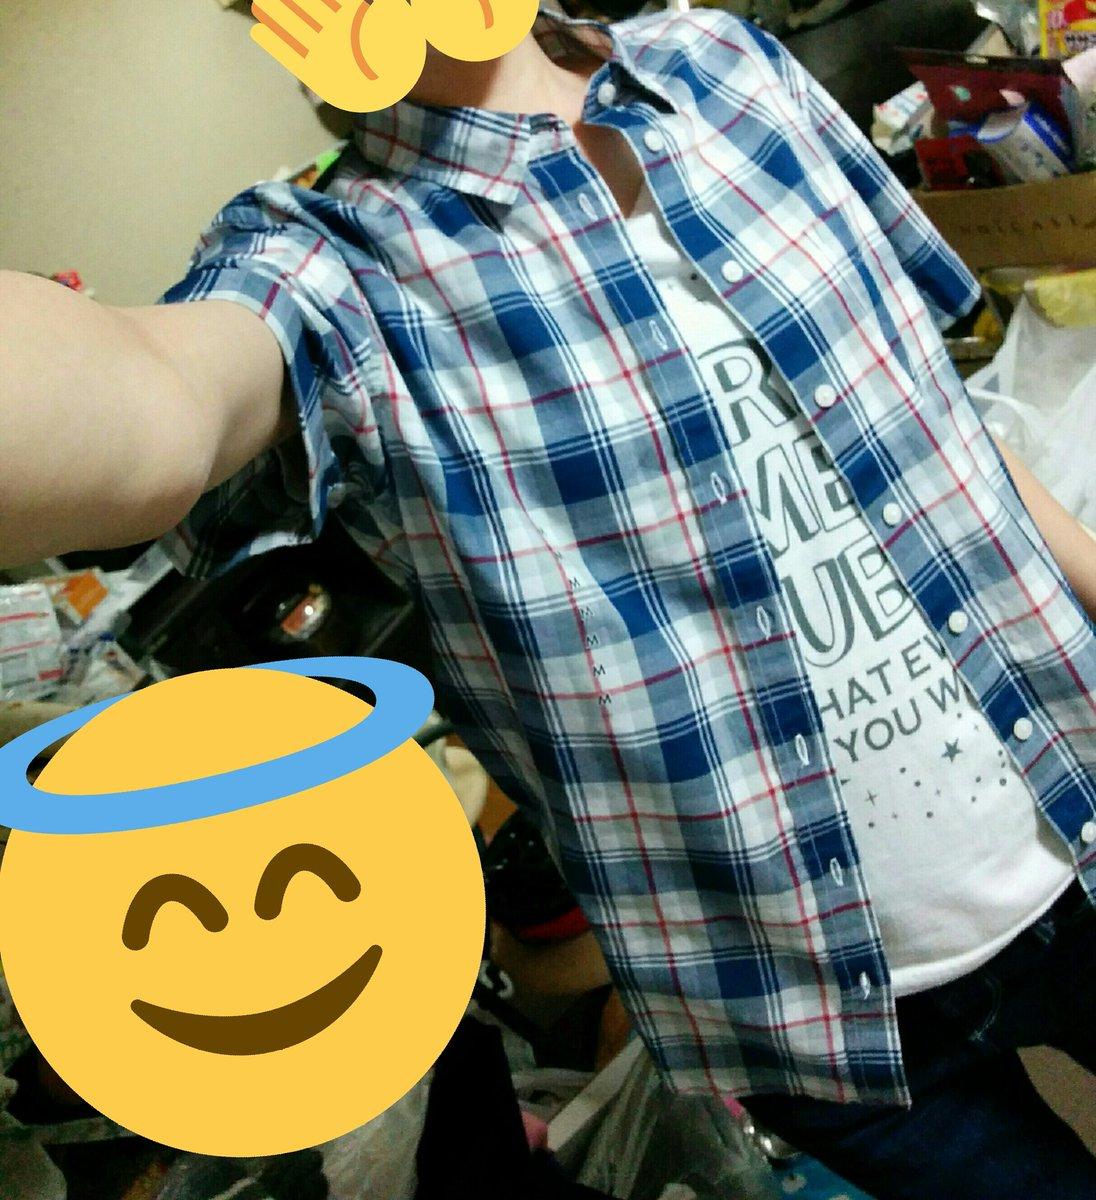 このシャツ見つけた瞬間に「色とか違うけどラブステの泉水の私服と似てね??」と思って衝動で選んだ